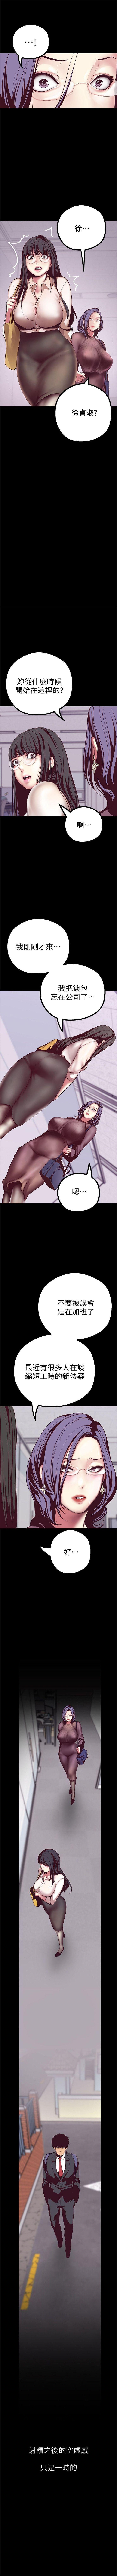 (週1)美麗新世界 1-70 中文翻譯 (更新中) 110